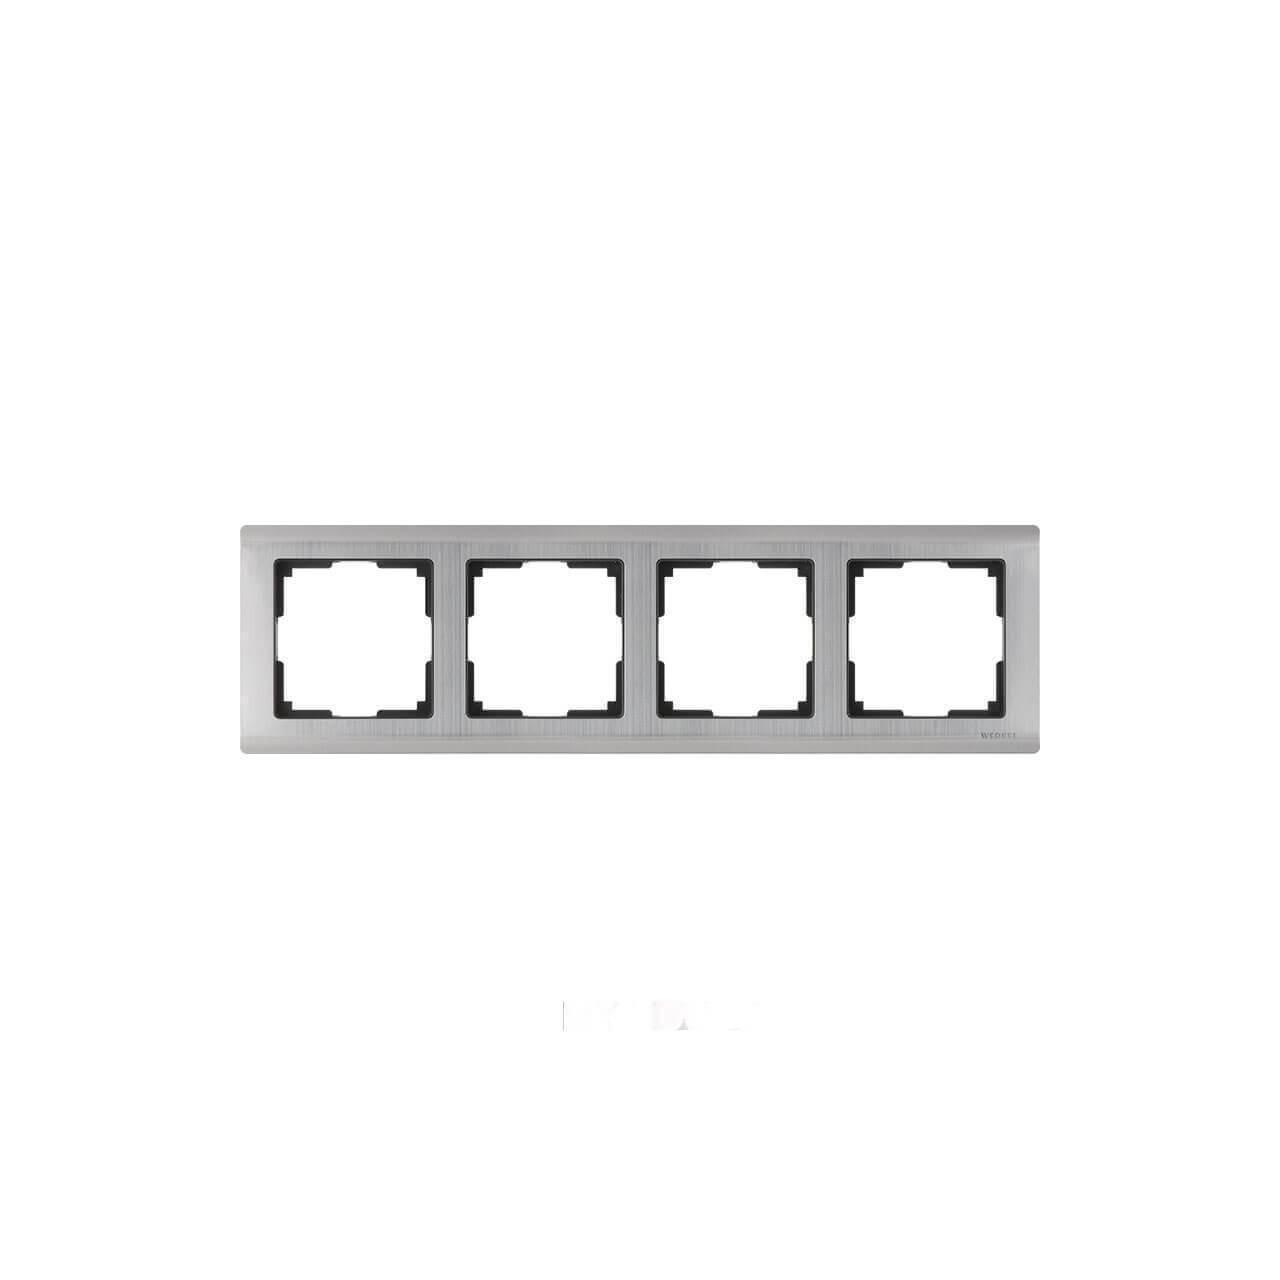 Рамка Werkel Metallic на 4 поста глянцевый никель WL02-Frame-04 4690389045936